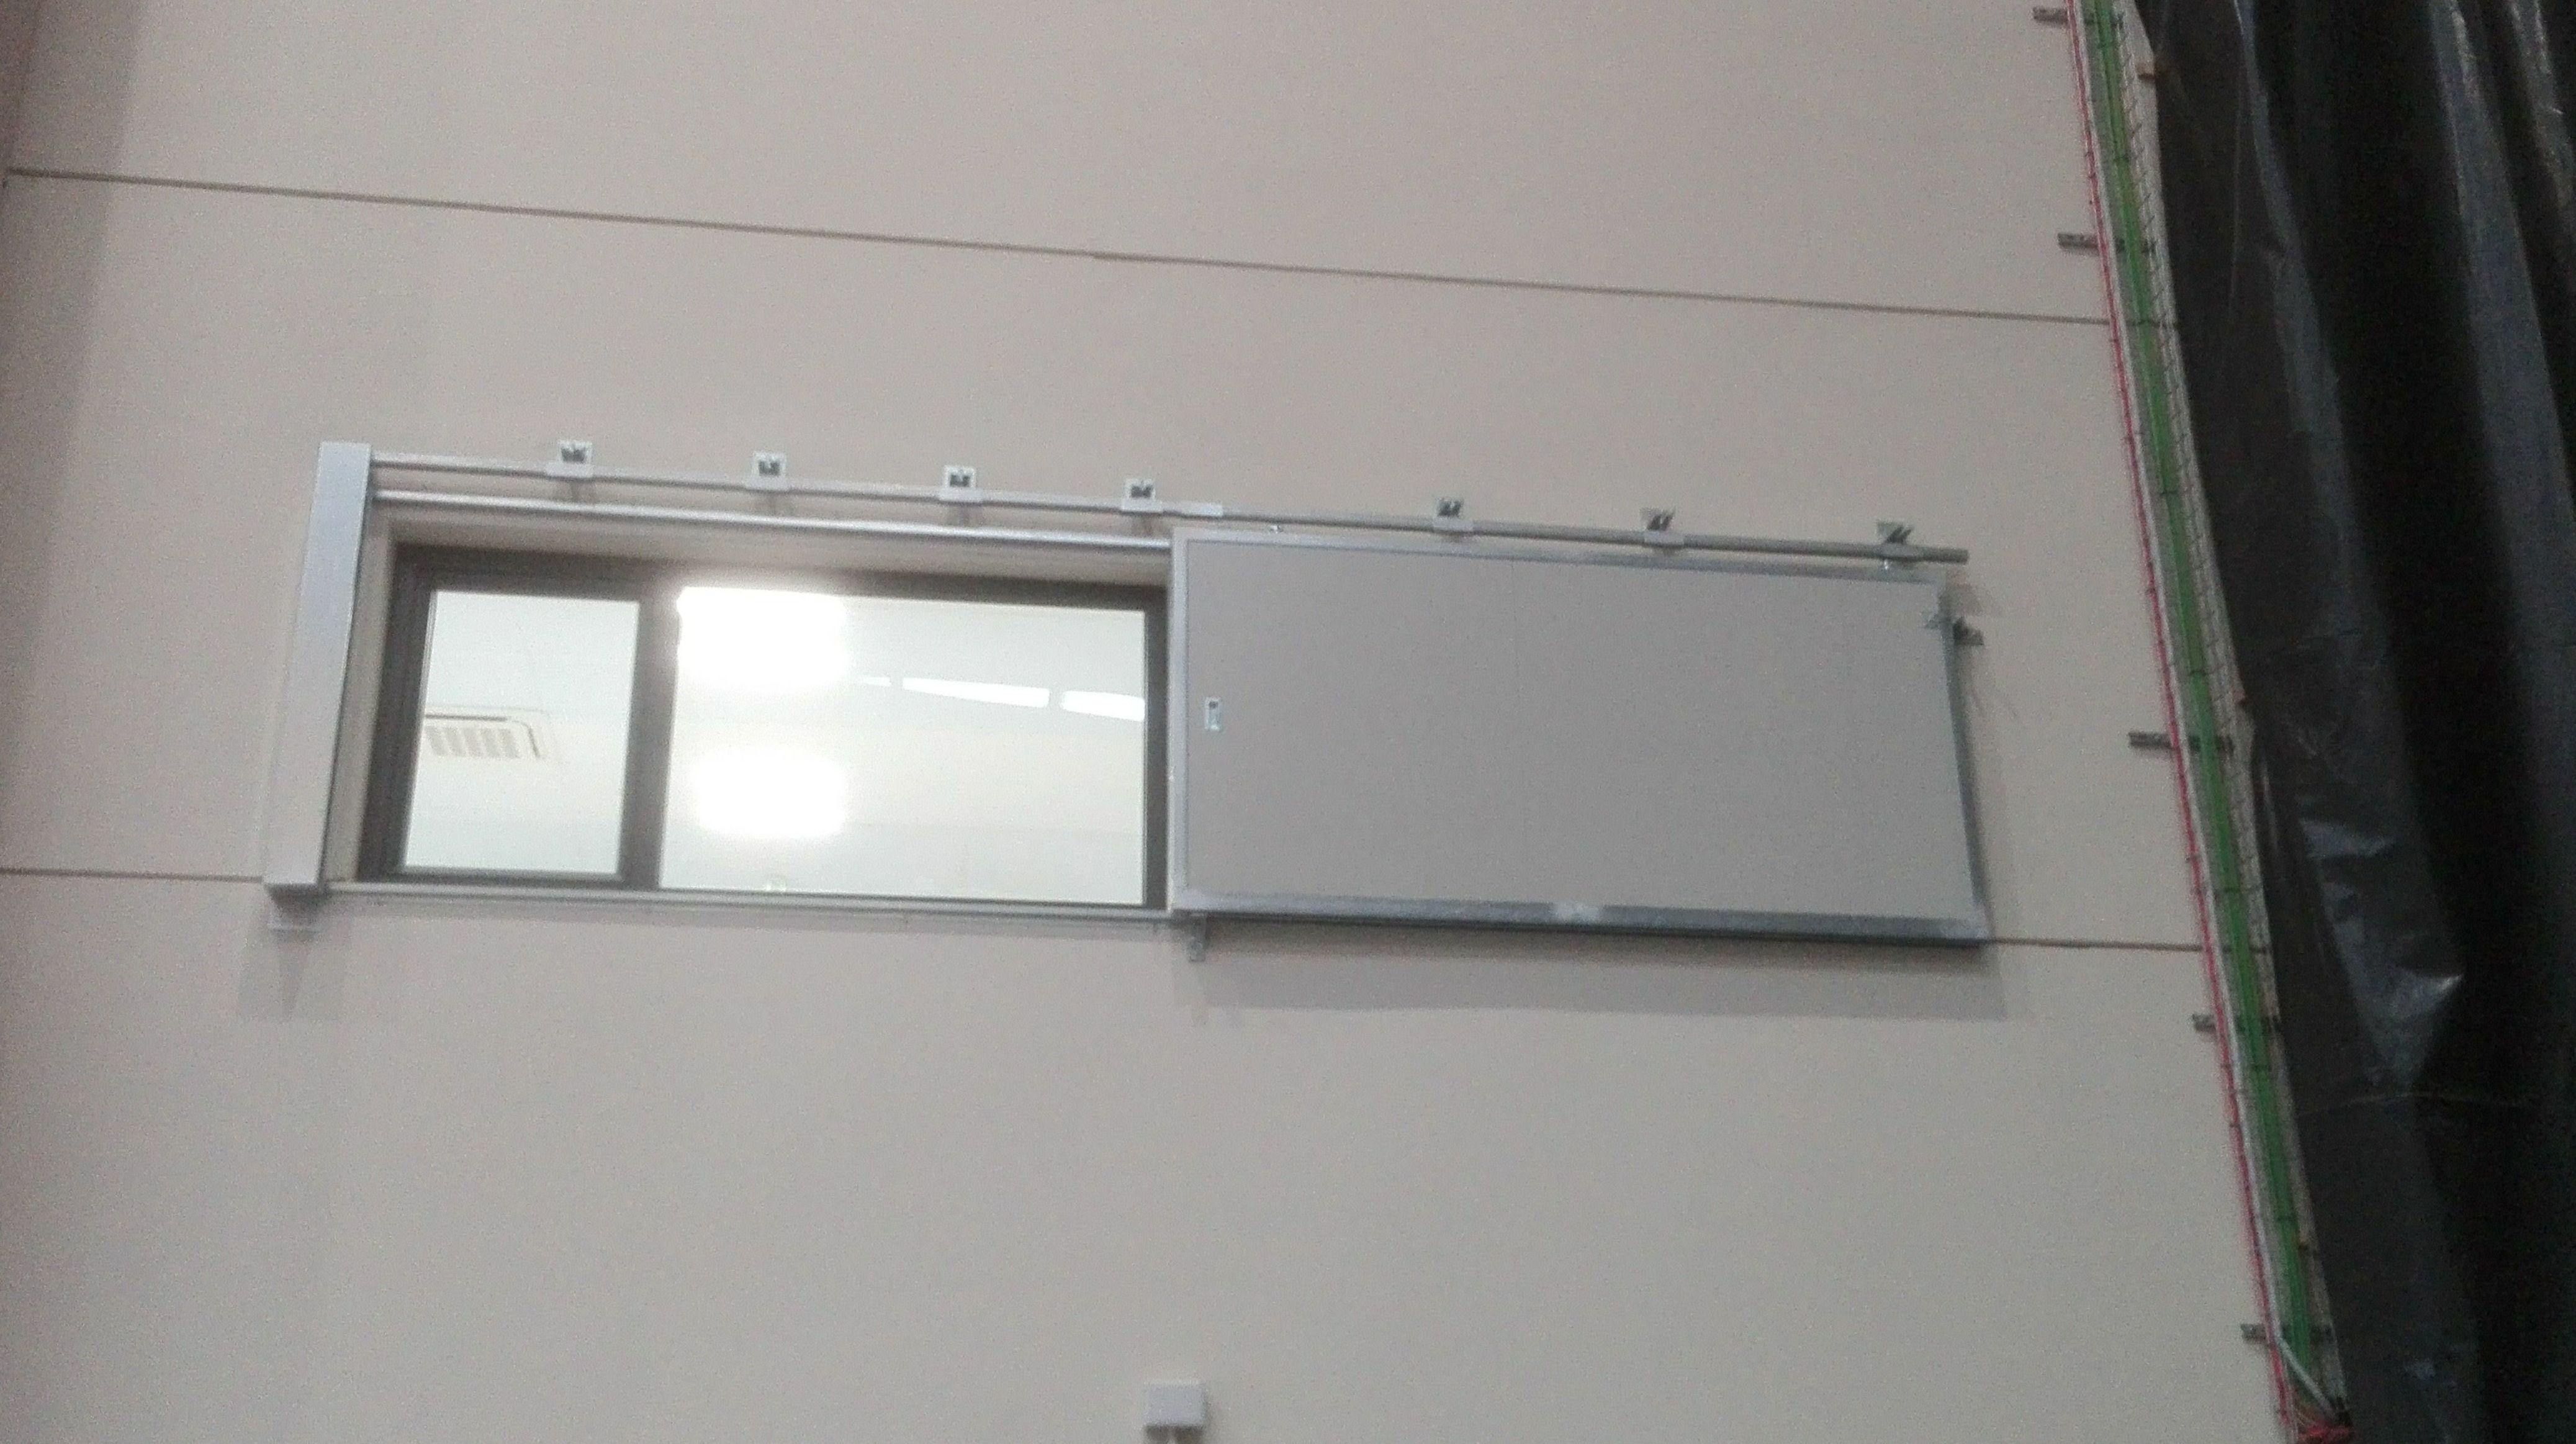 Puerta Corredera cortafuego tipo ventana contra incendios EI2-60 minutos